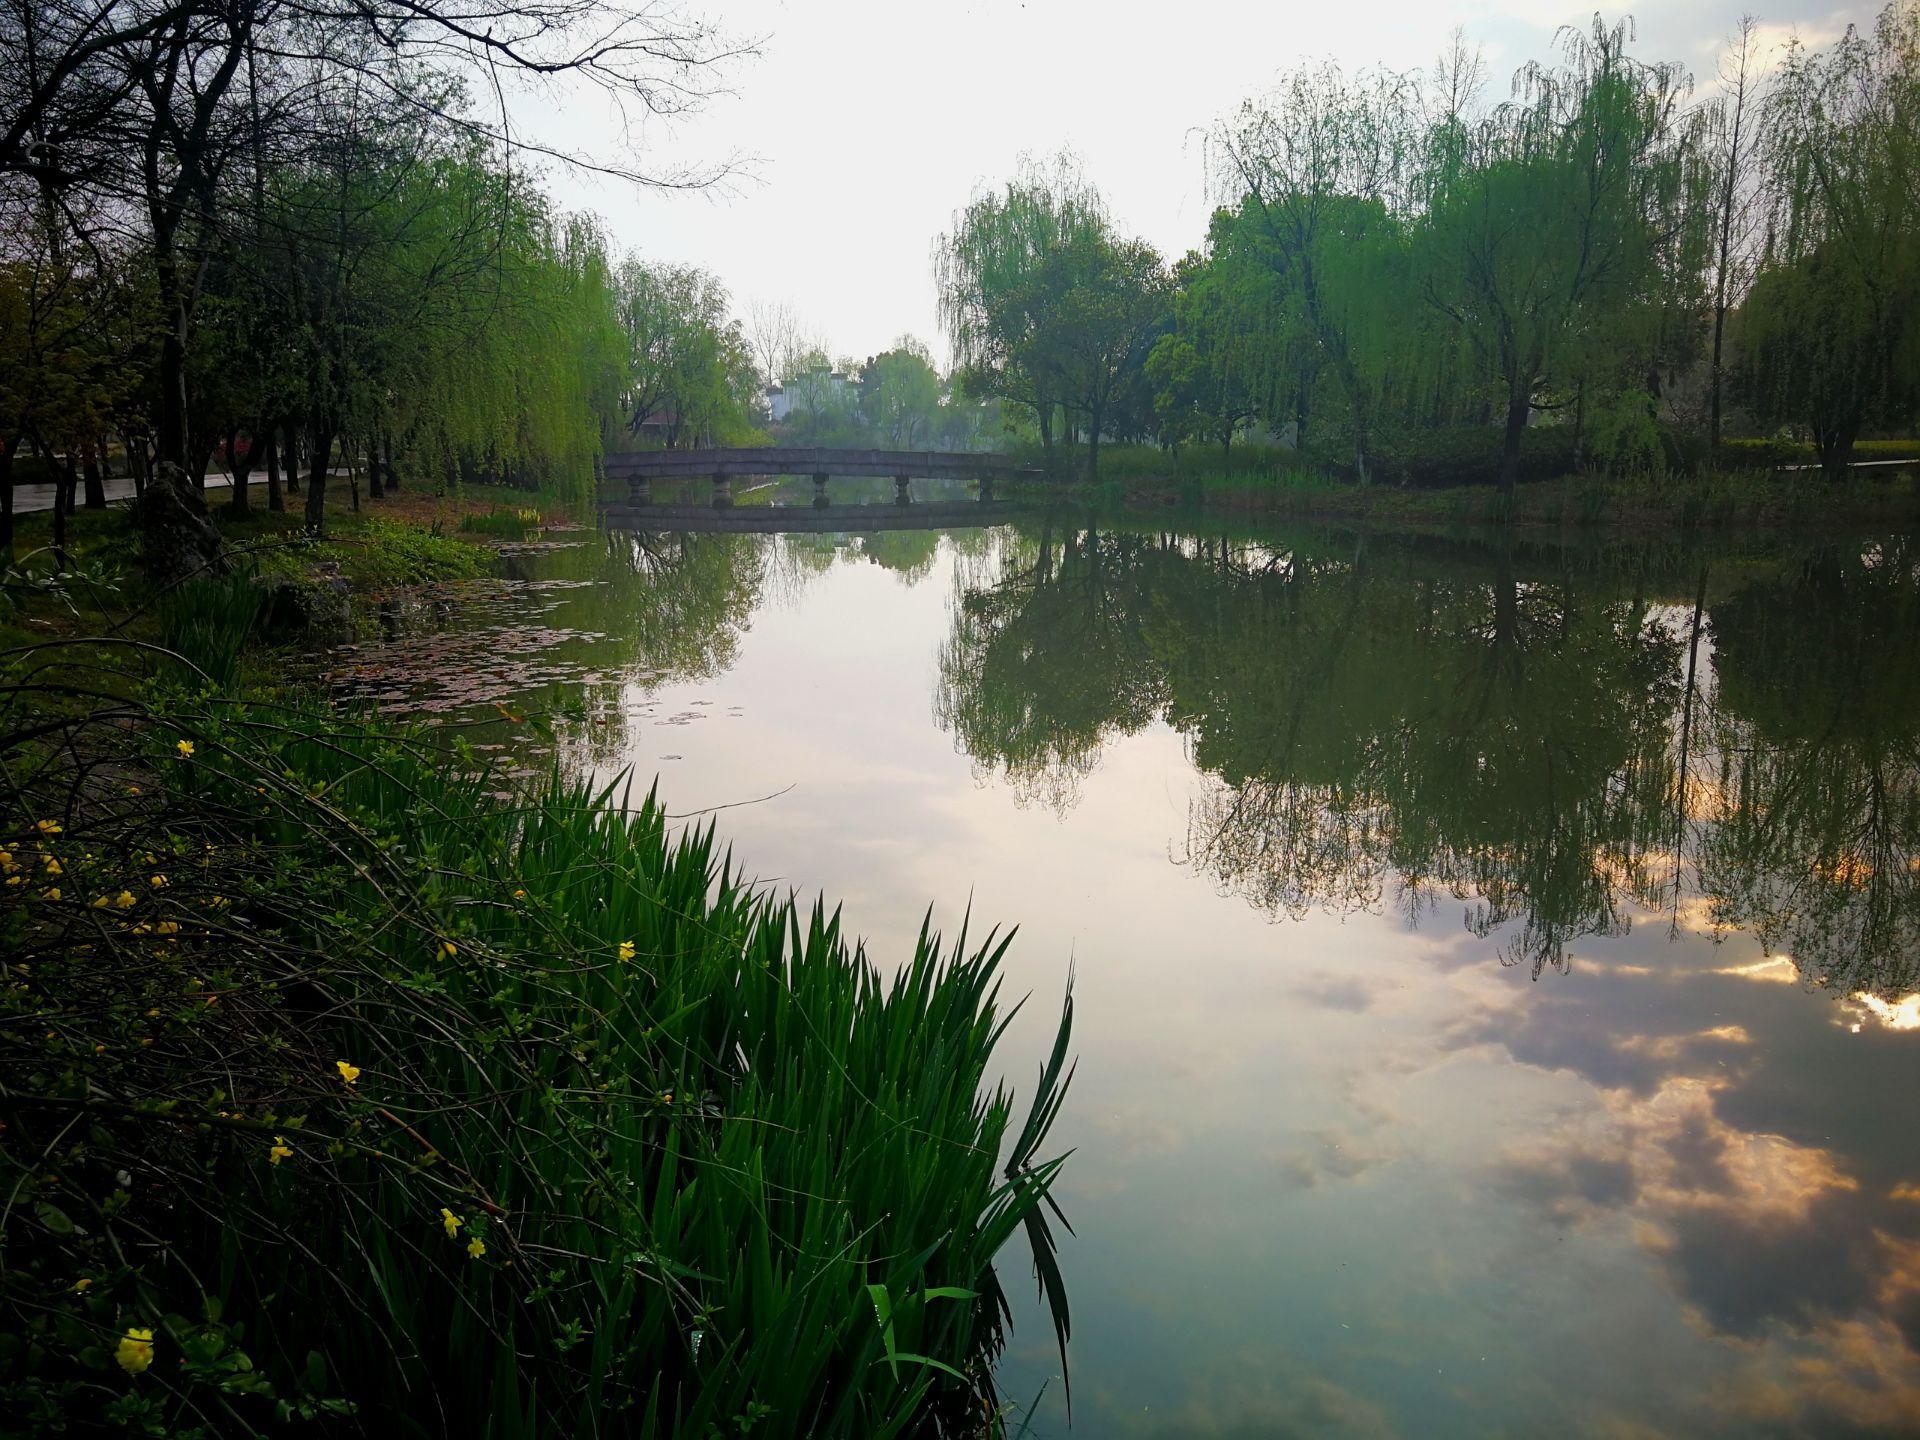 白马湖生态创意�_杭州白马湖生态创意城攻略,杭州白马湖生态创意城门票/游玩攻略